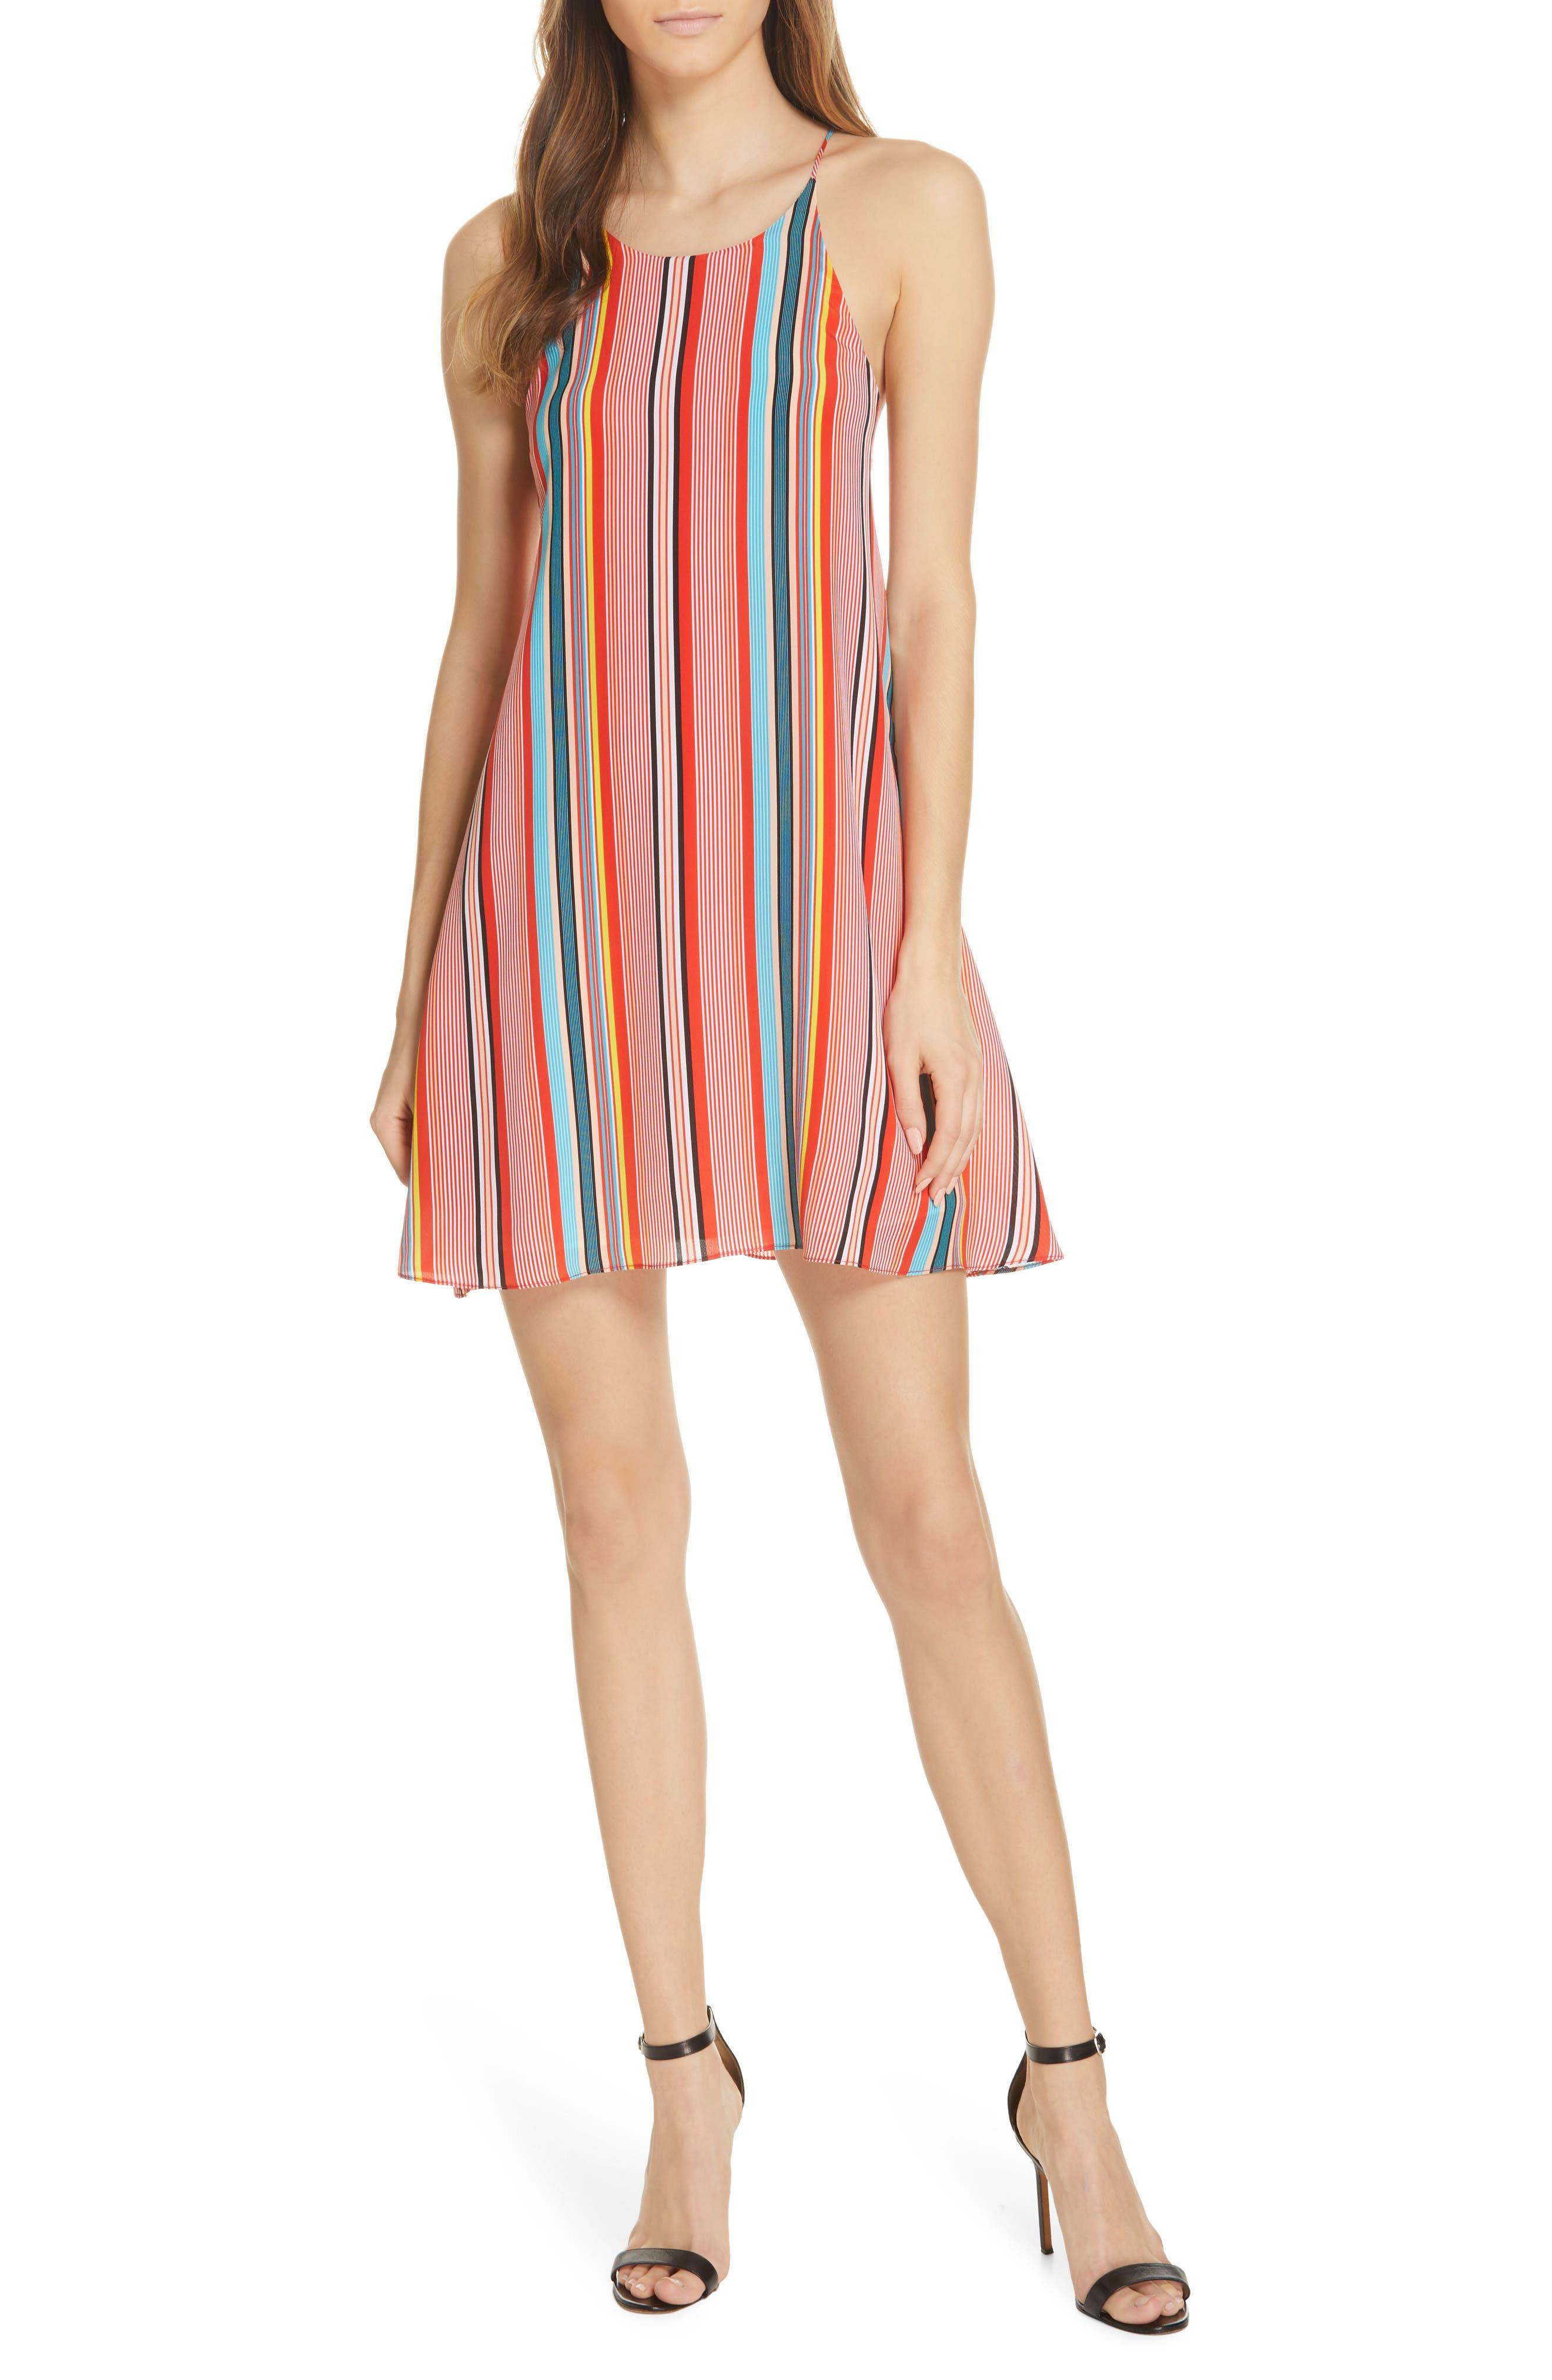 Alice + Olivia Kalia Stripe Tie Back Minidress, Coral